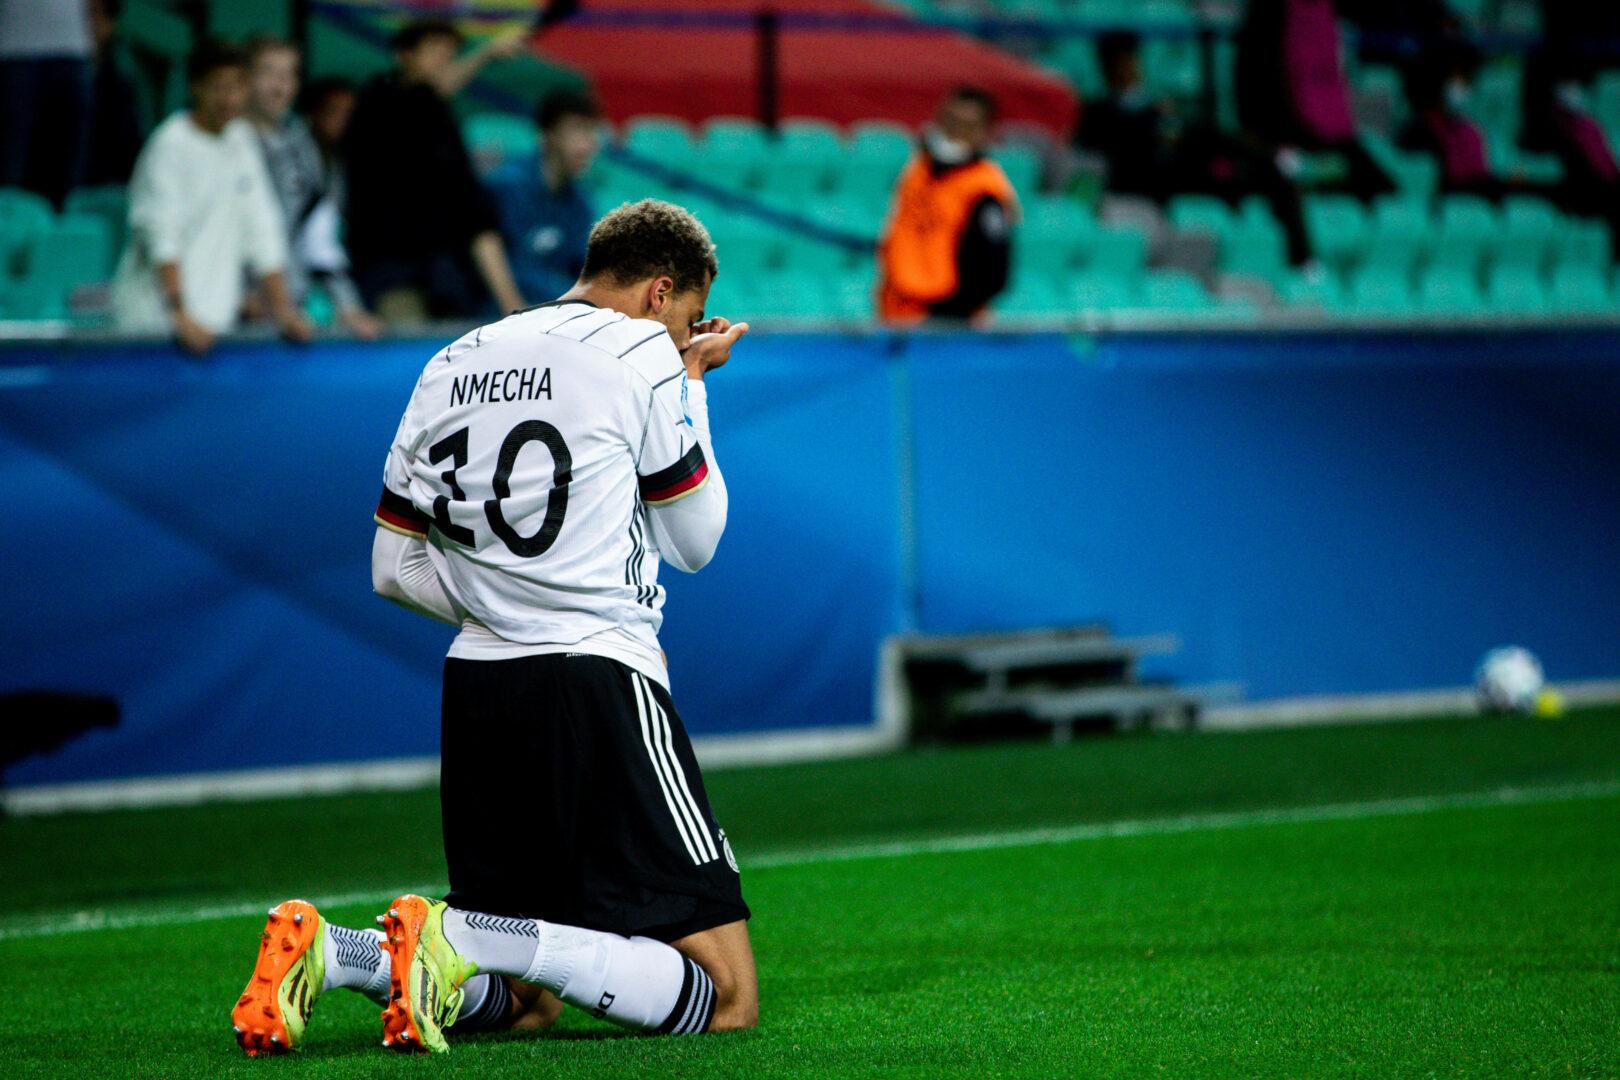 Eintracht Frankfurt hat Nmecha und Kolo Muani auf der Liste